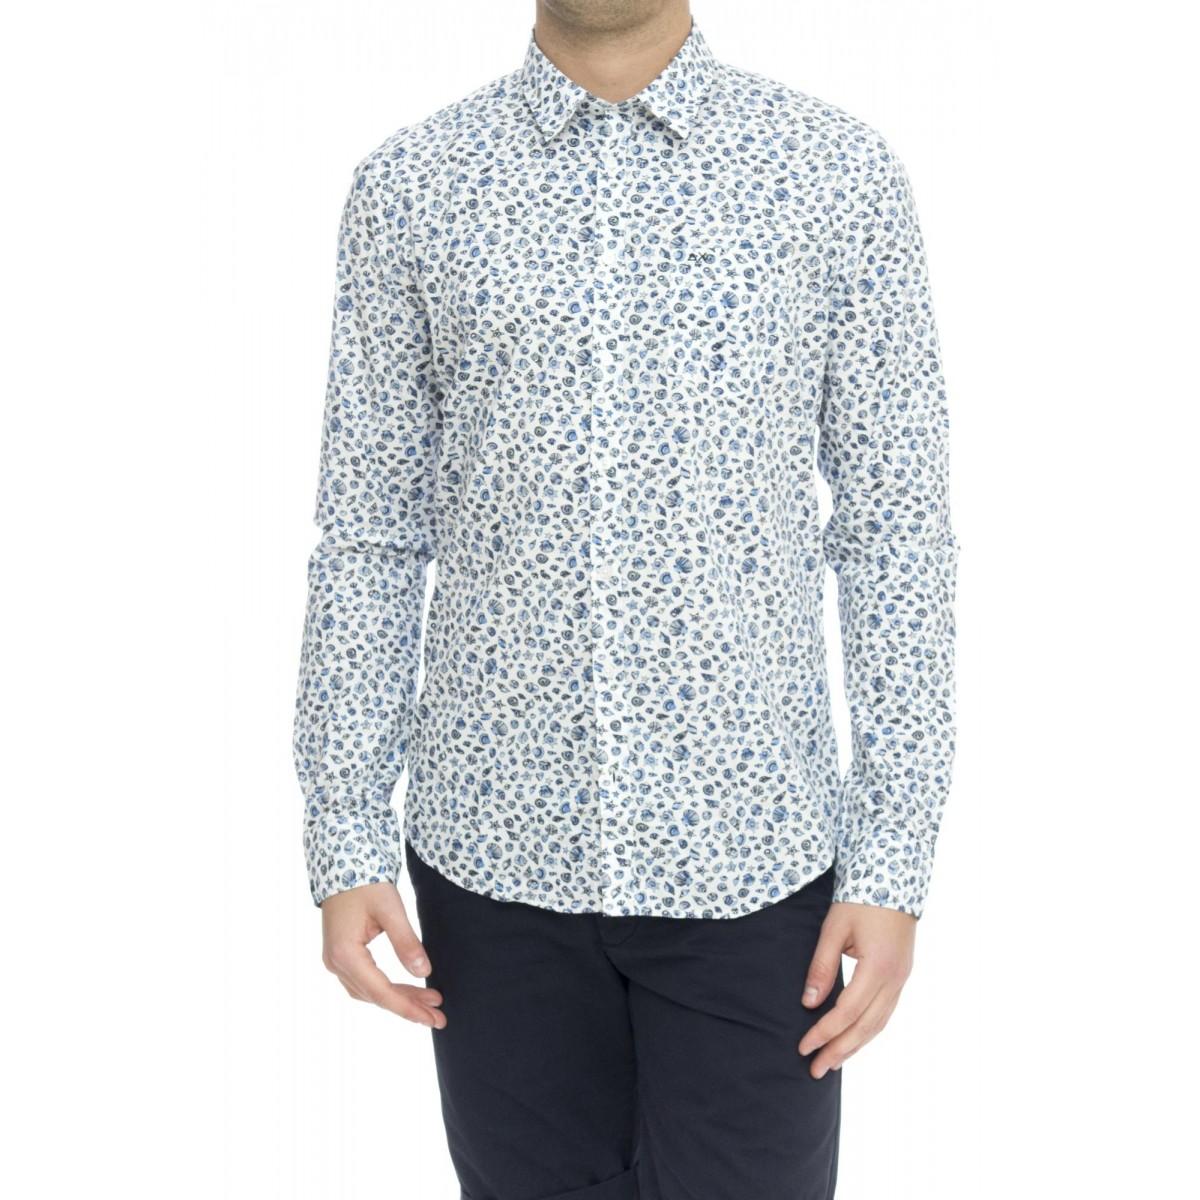 Camicia - Sh026 camicia fantasia